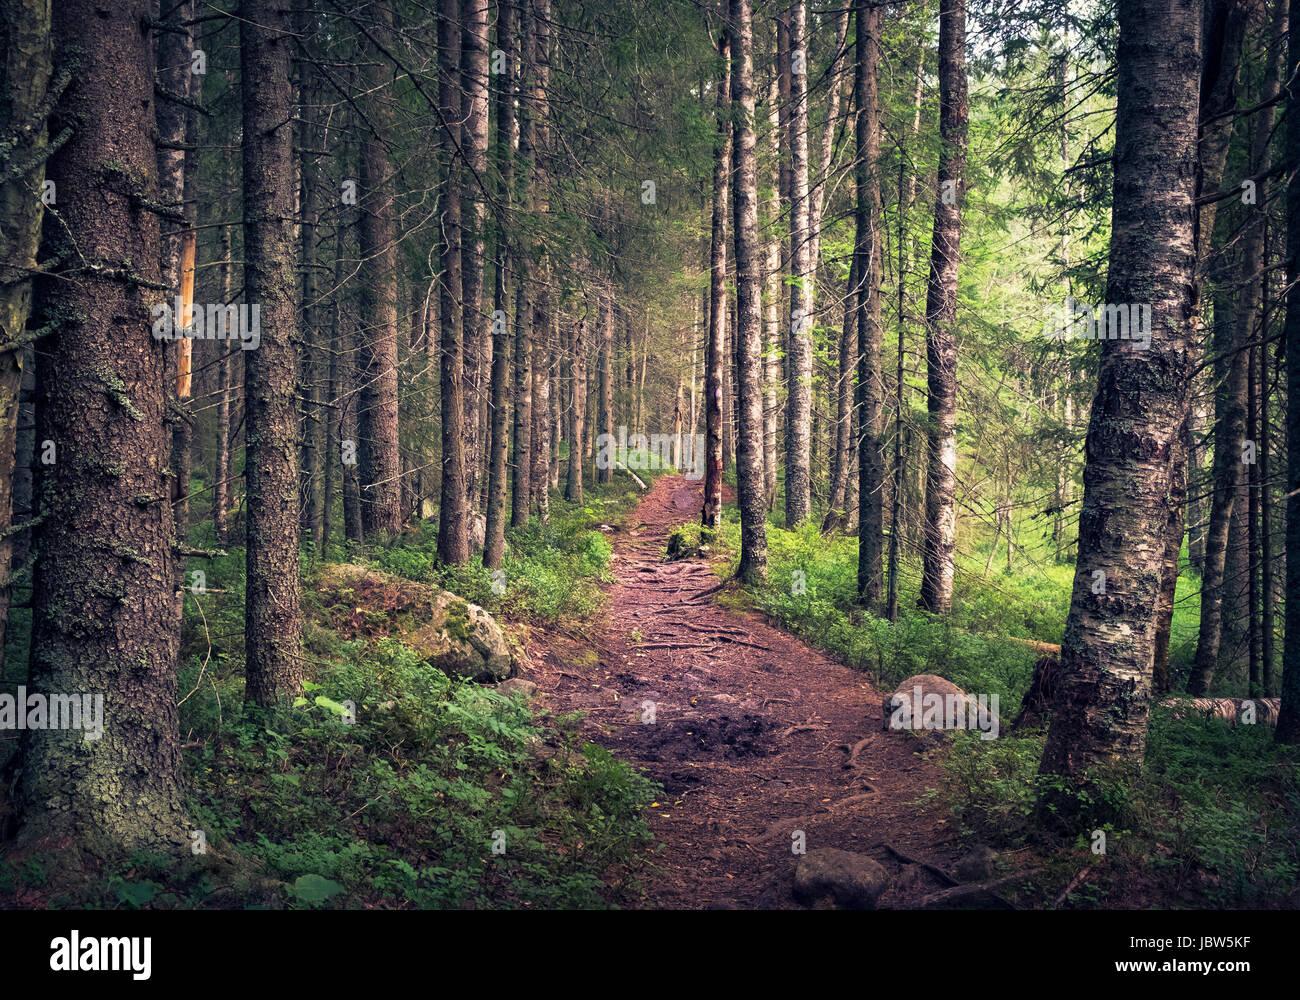 Paisaje idílico con la ruta y el bosque primitivo en el verano por la mañana en Koli, Finlandia Imagen De Stock